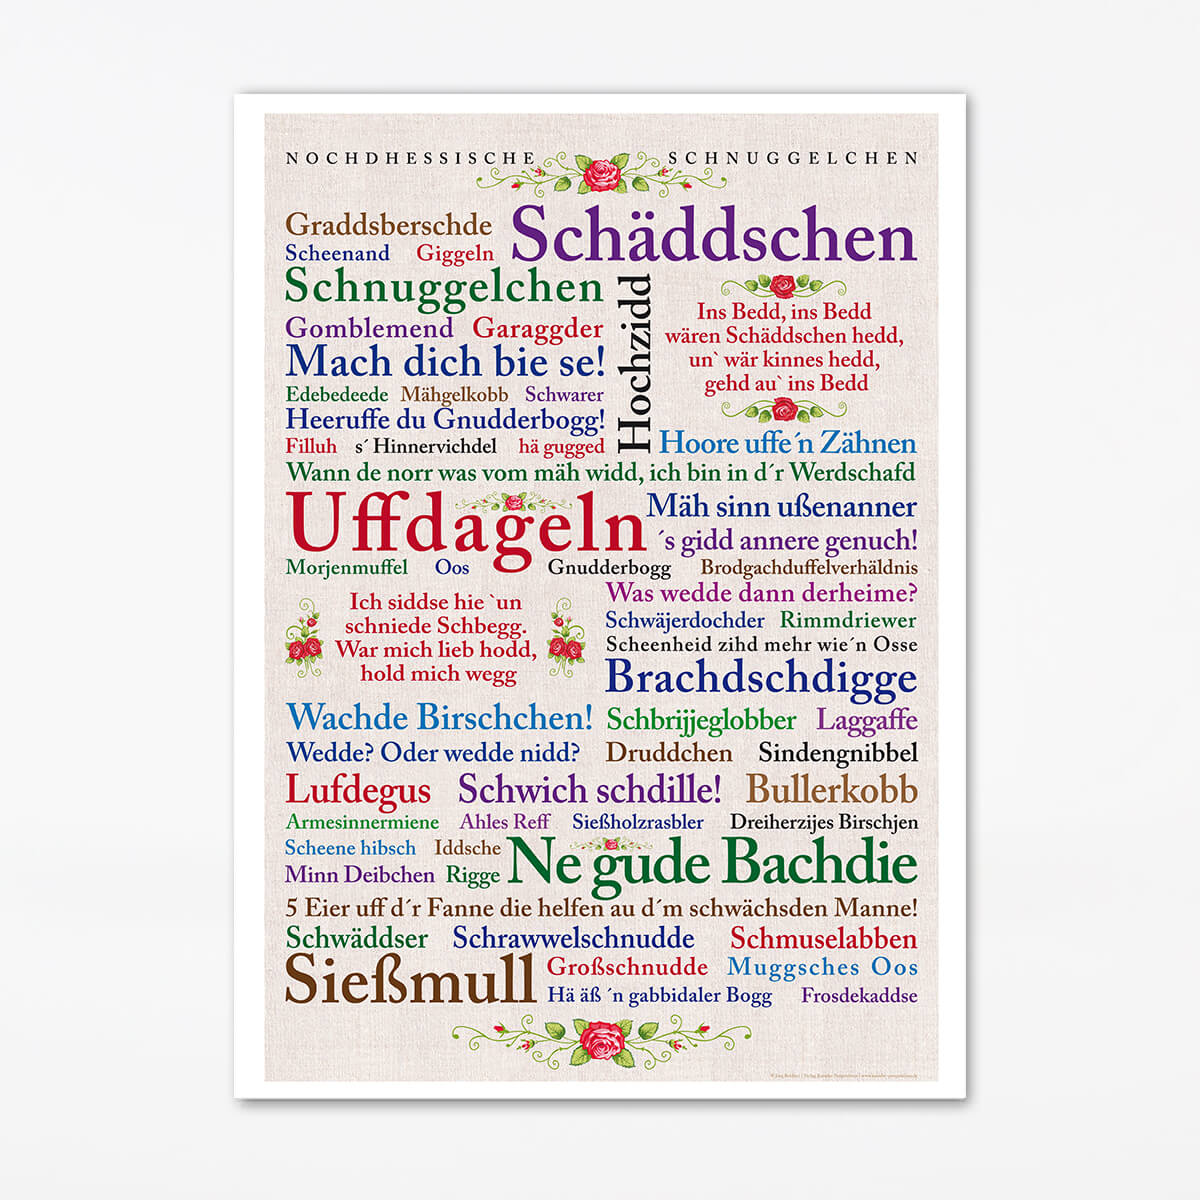 Poster Nordhessische Schnuggelchen.